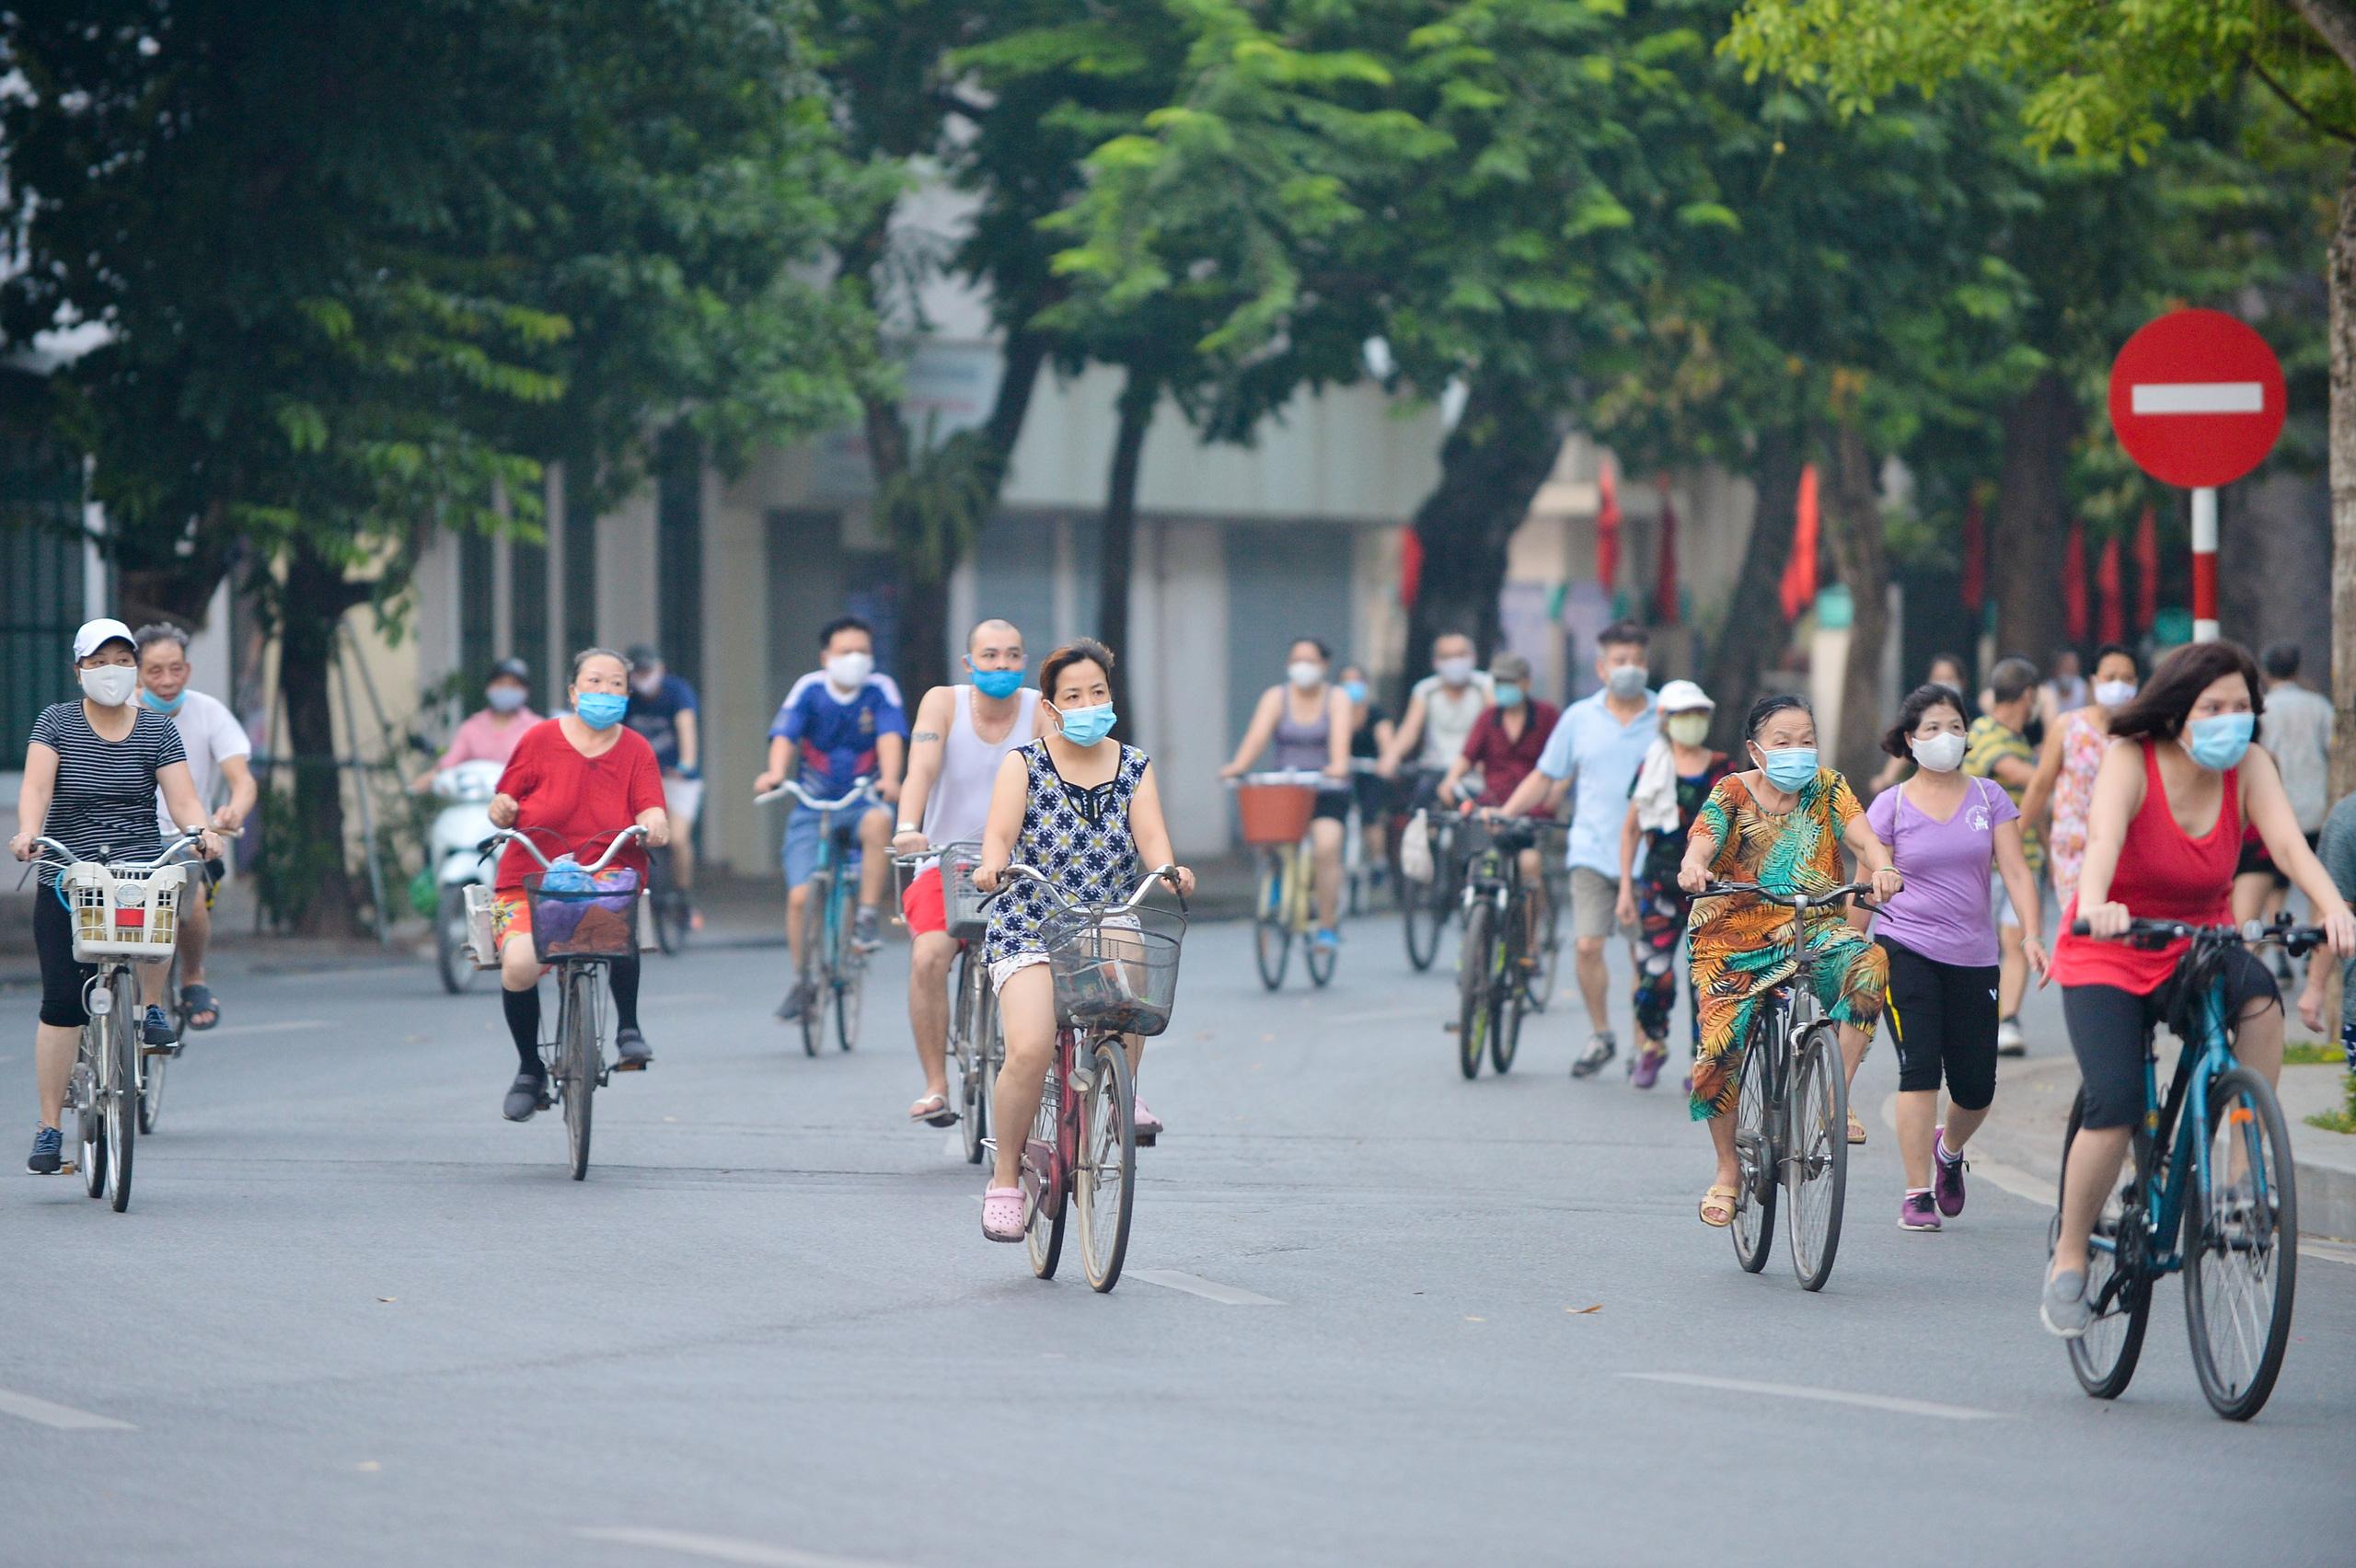 Hàng trăm người dân tập thể dục, đạp xe quanh hồ Gươm bất chấp dịch quy định phòng dịch Covid-19 - Ảnh 1.